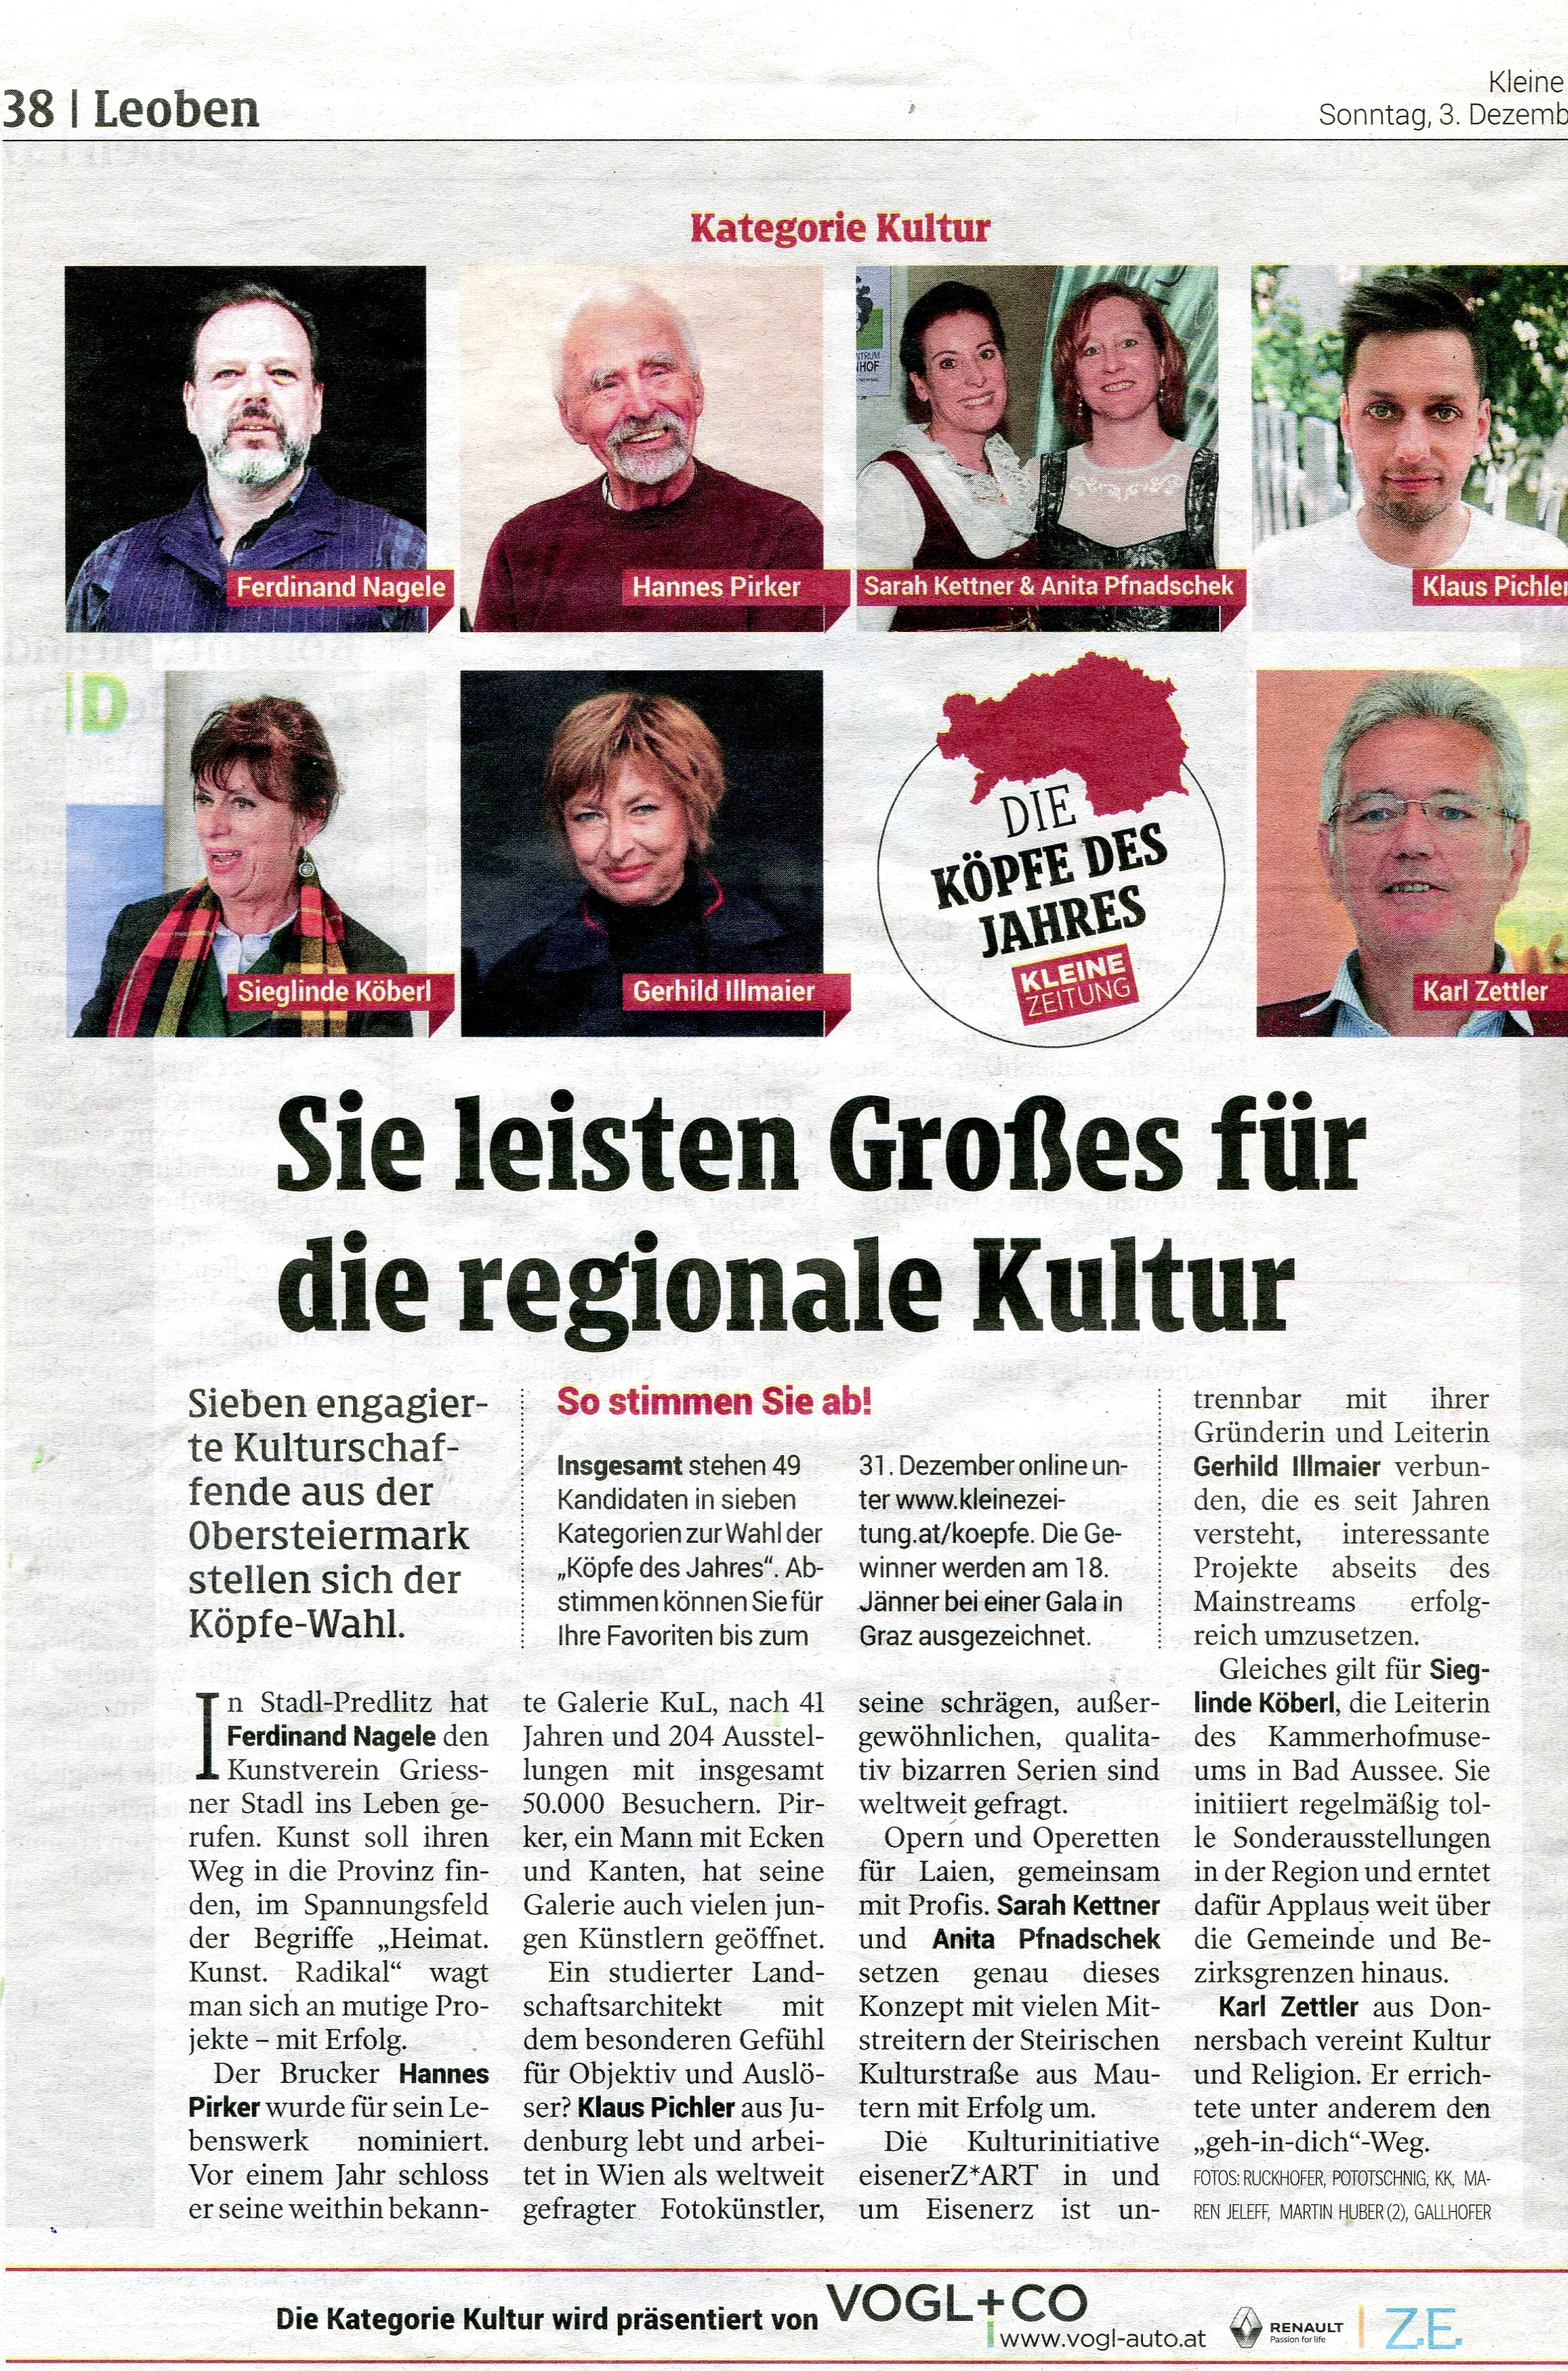 Kleine Zeitung 03.12.2017